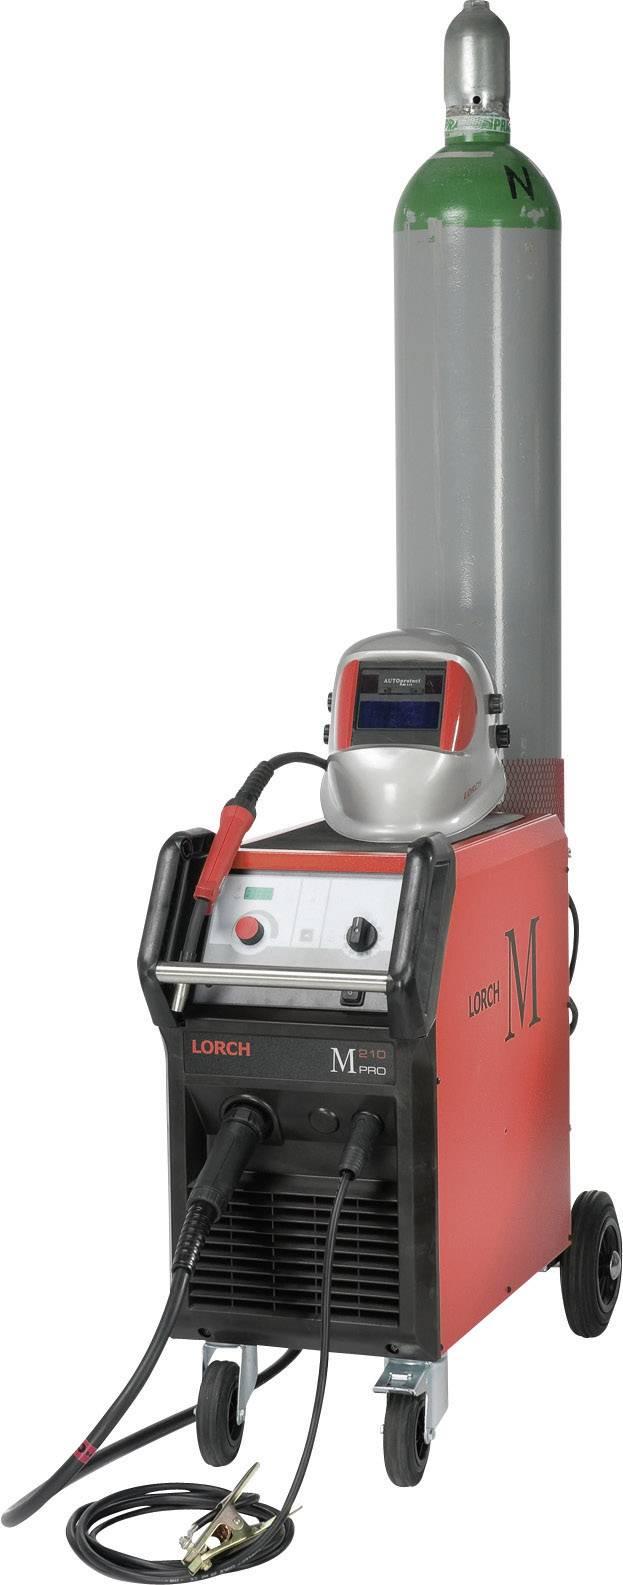 Lorch 218.0170.1 Zváračský prúd 25 - 170 A